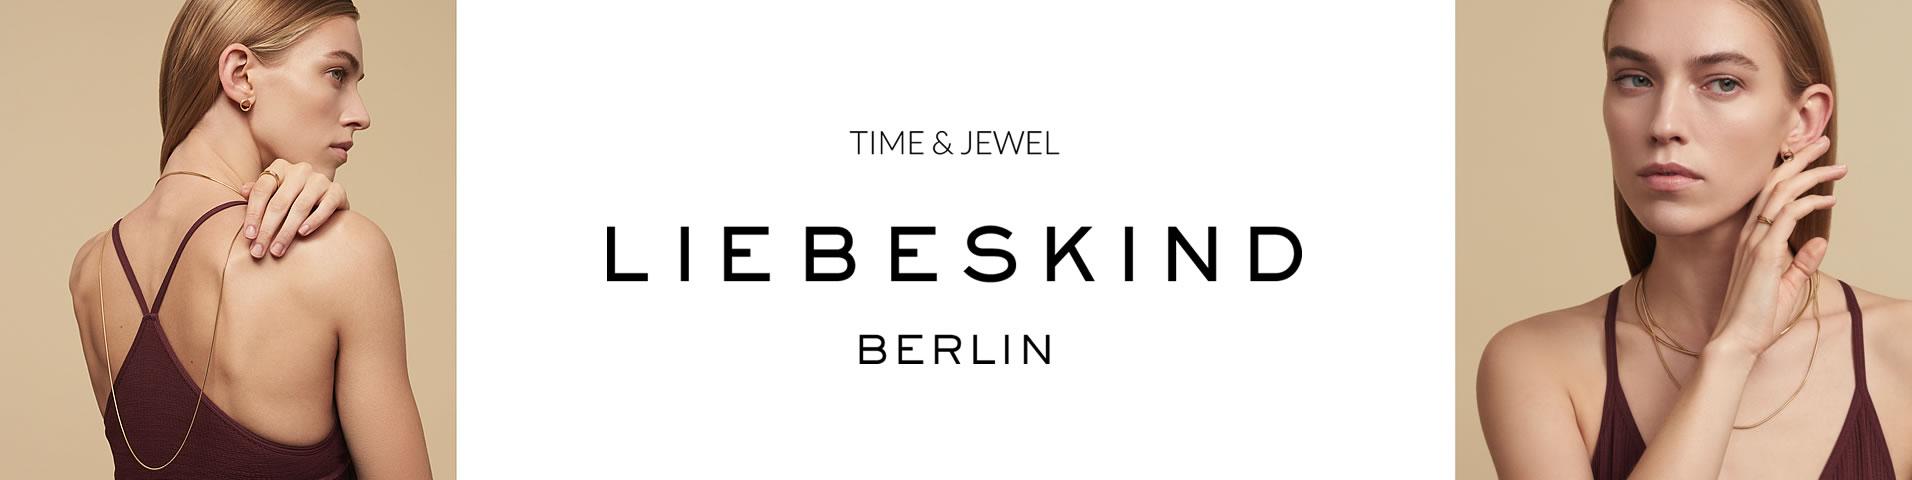 08e56f28b194 SALE! Jetzt die besten Liebeskind Berlin Sale Angebote shoppen